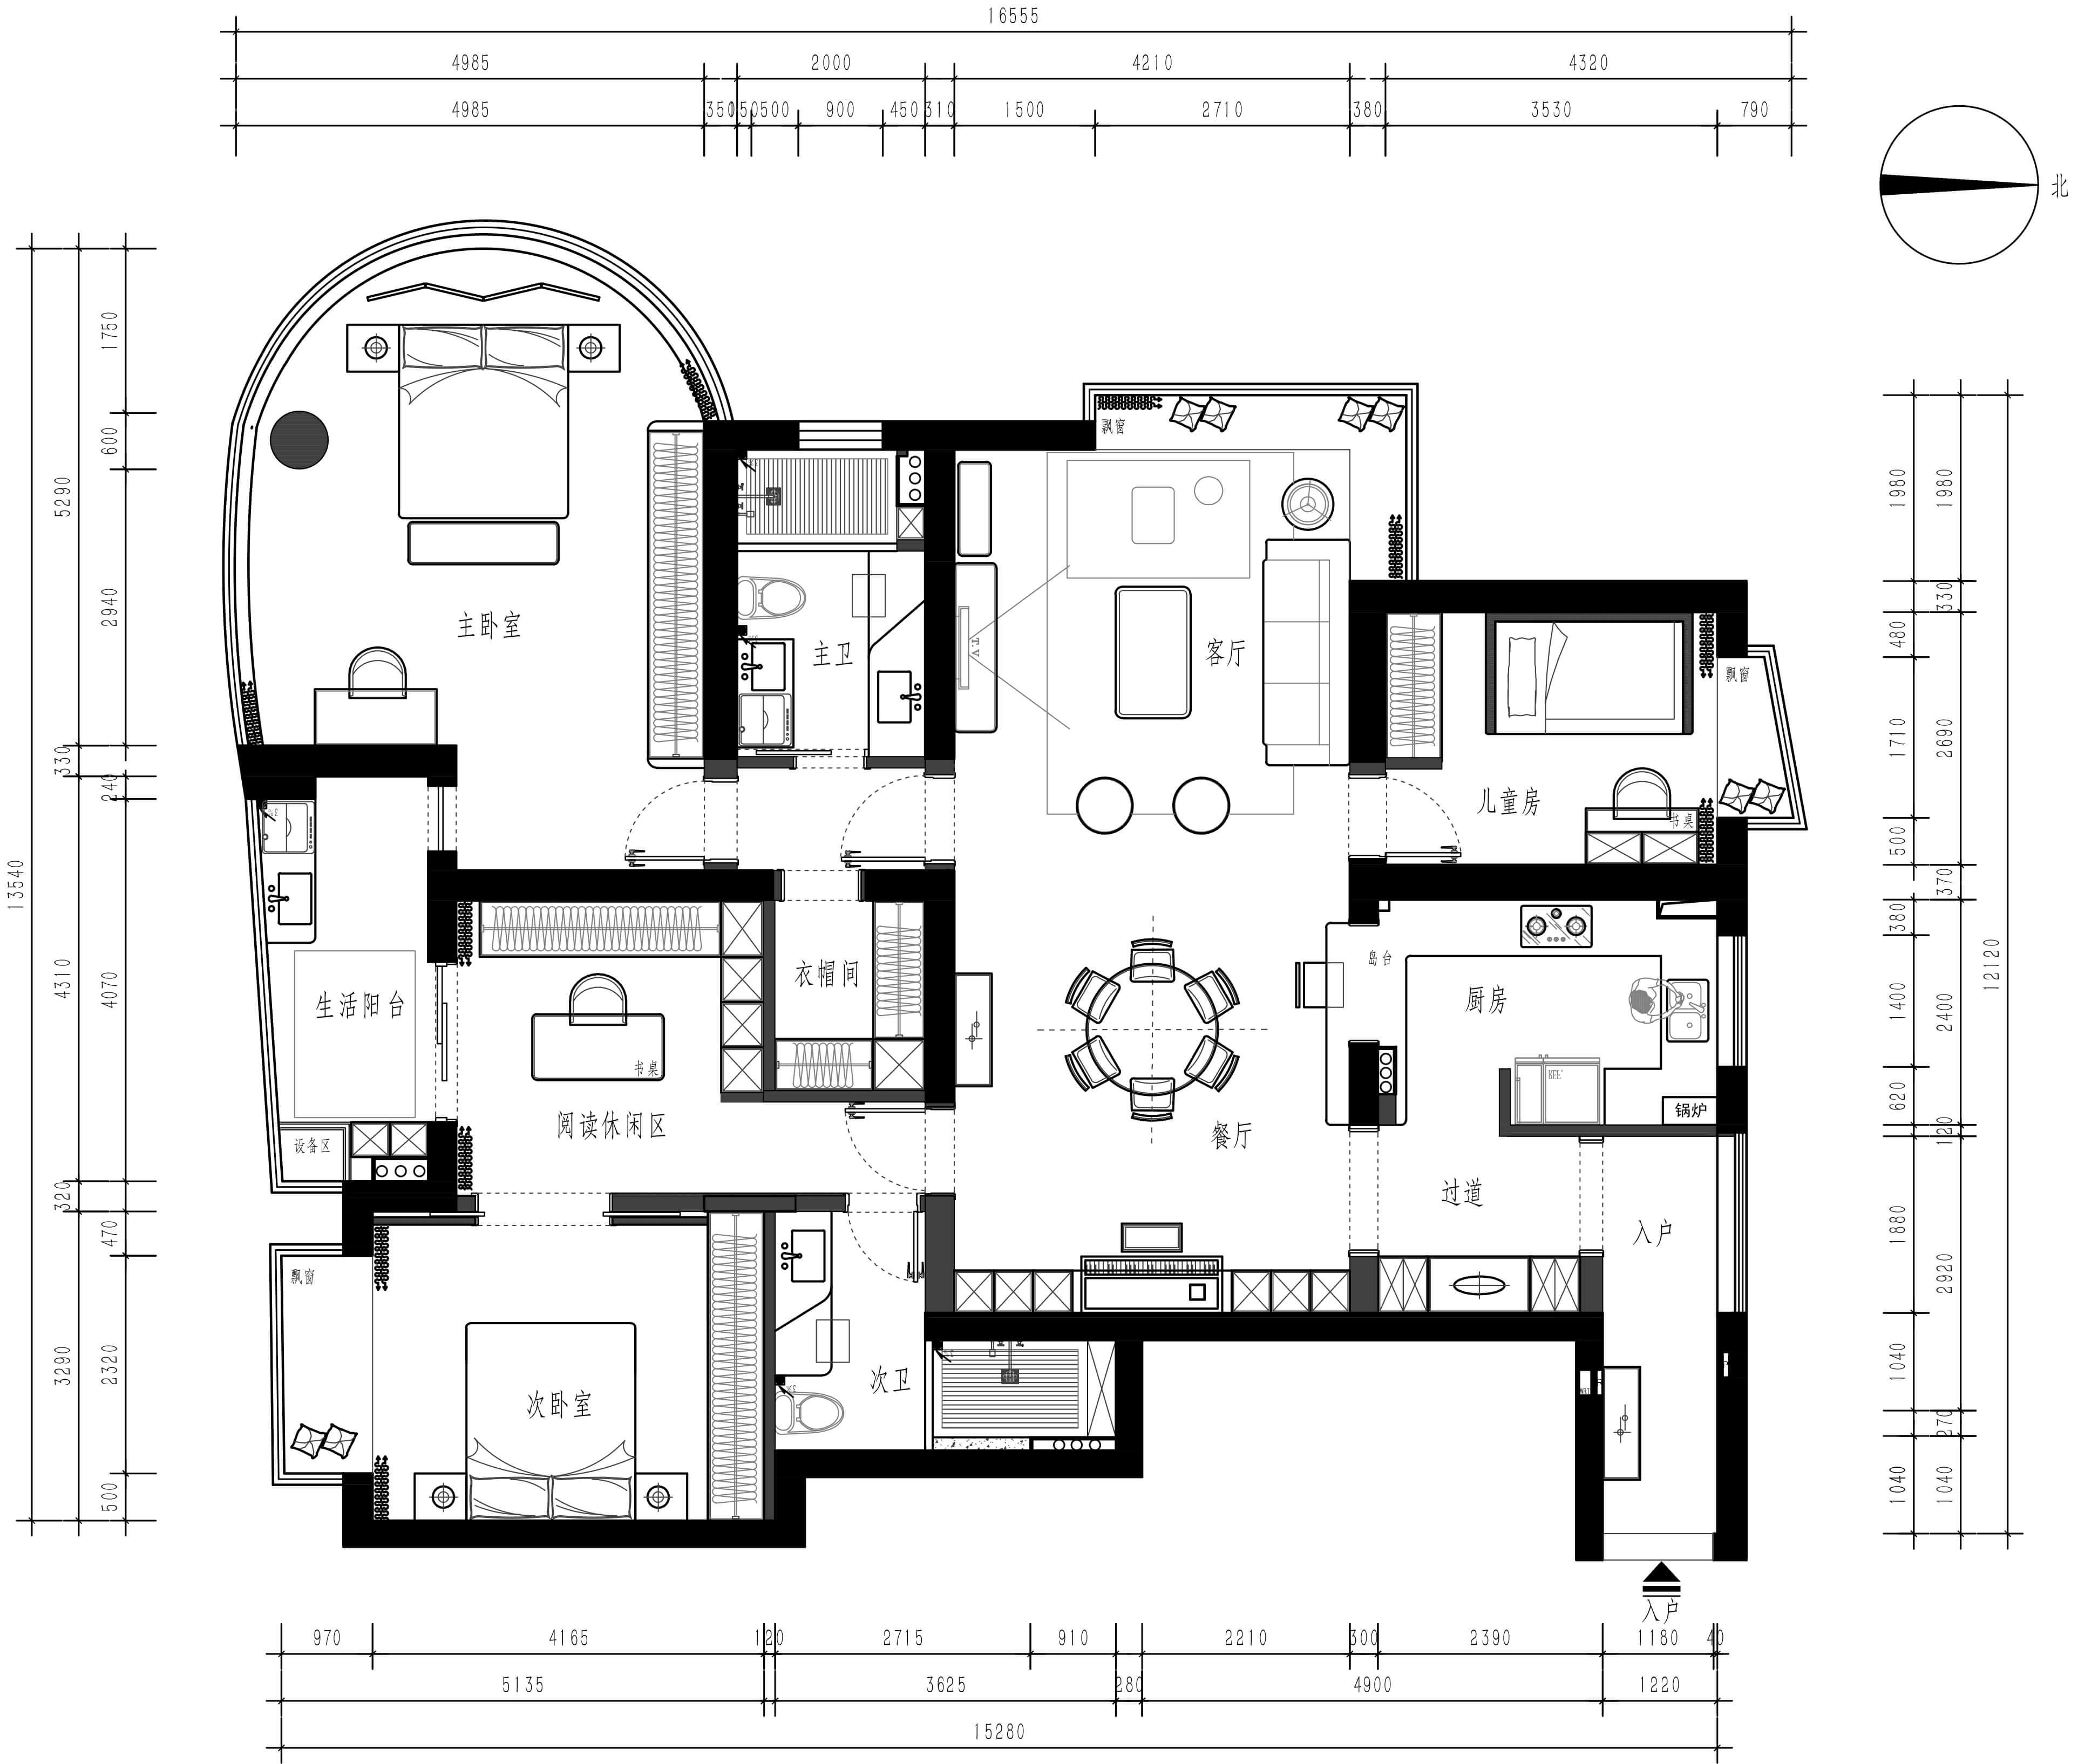 中凯城市之光-现代轻奢-165平装修设计理念